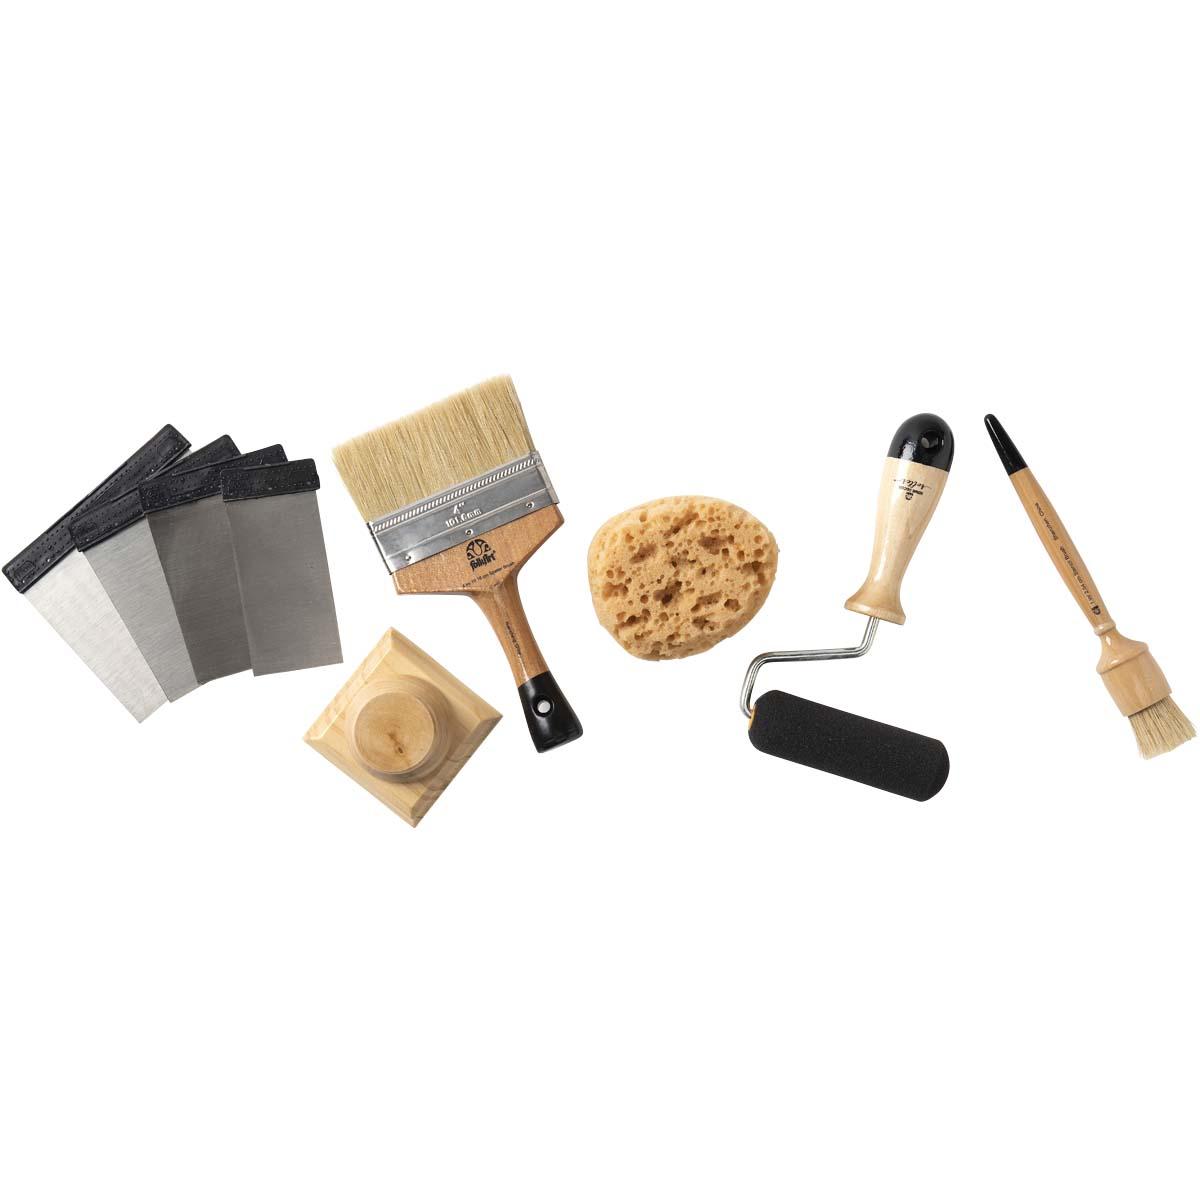 FolkArt ® One Stroke™ Applicator Kit - Basics and Finishing - 90197